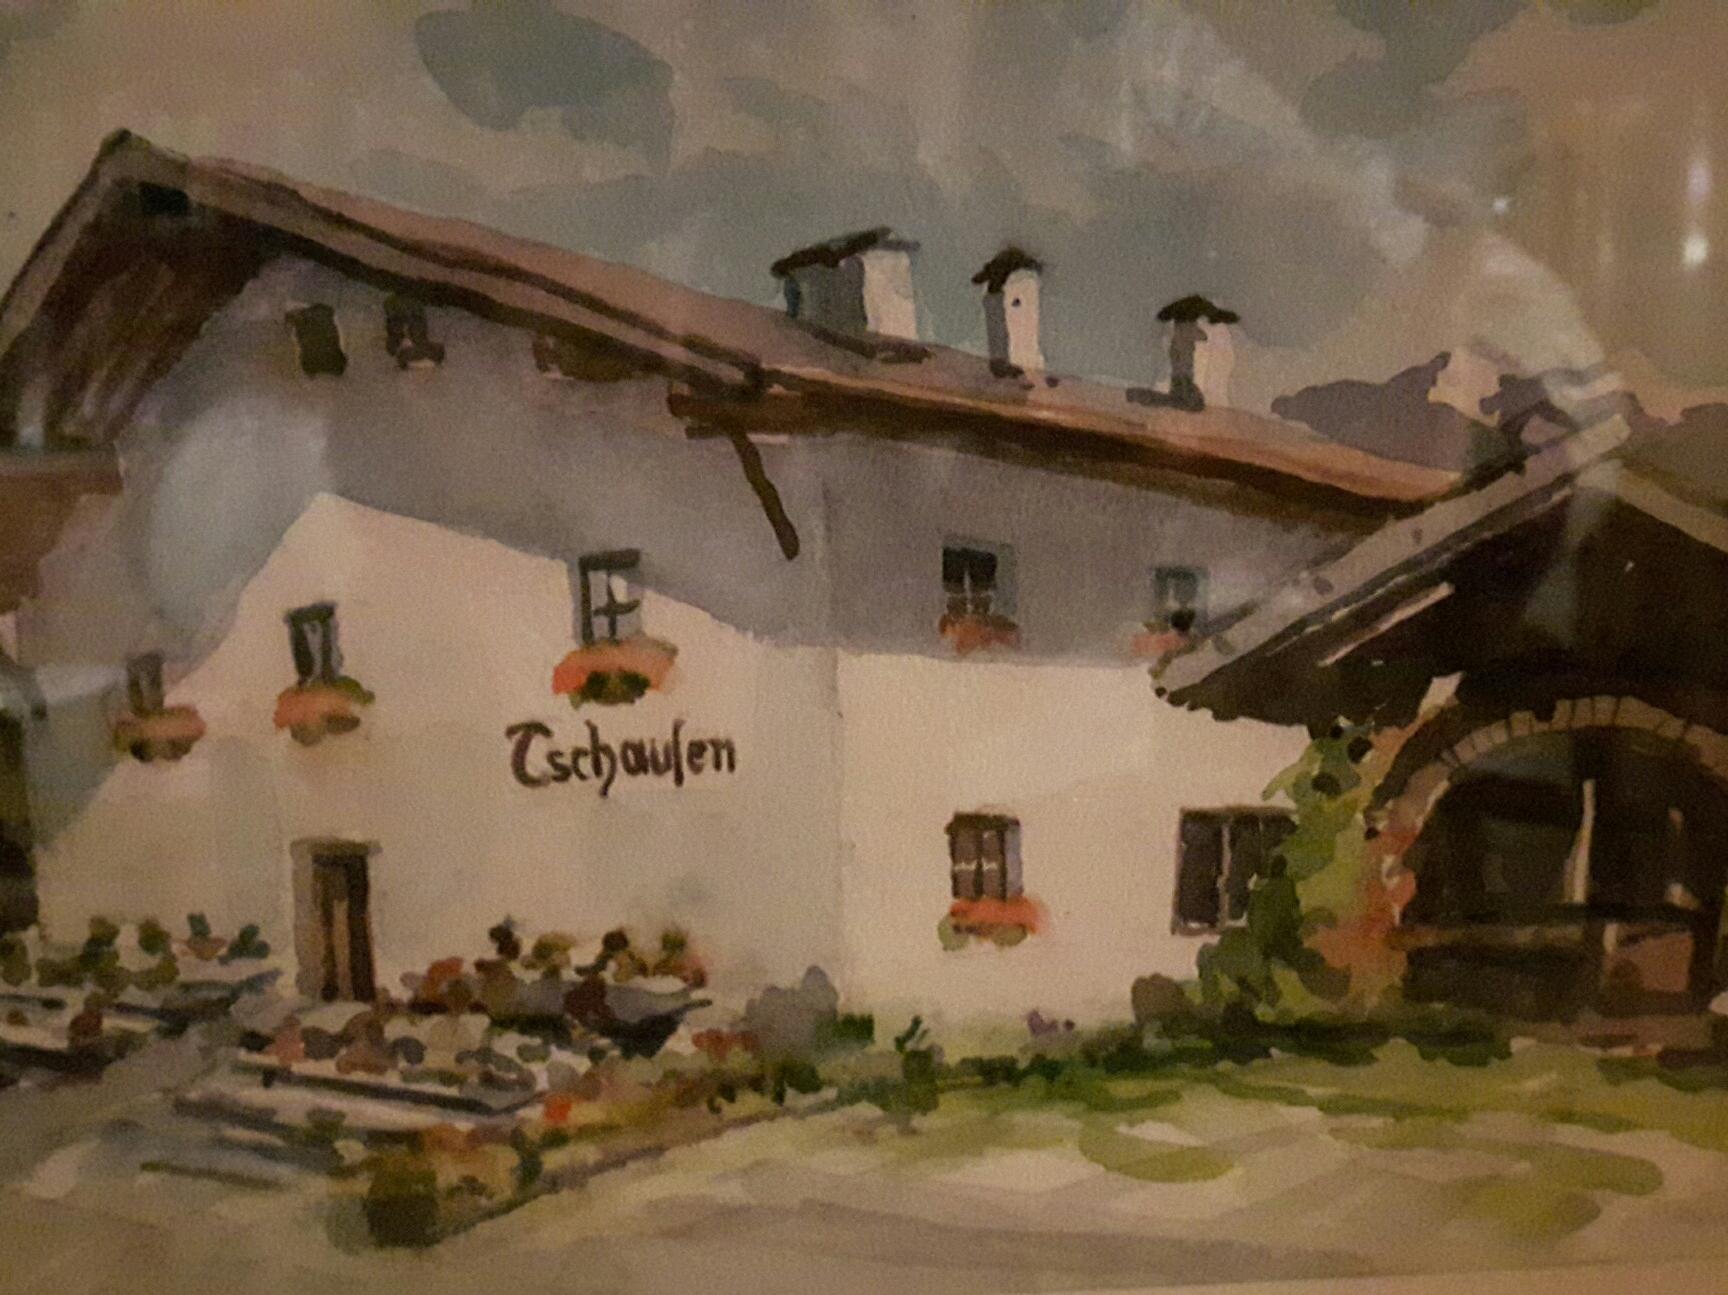 Meltina - San Giorgio - Albergo Tschaufen